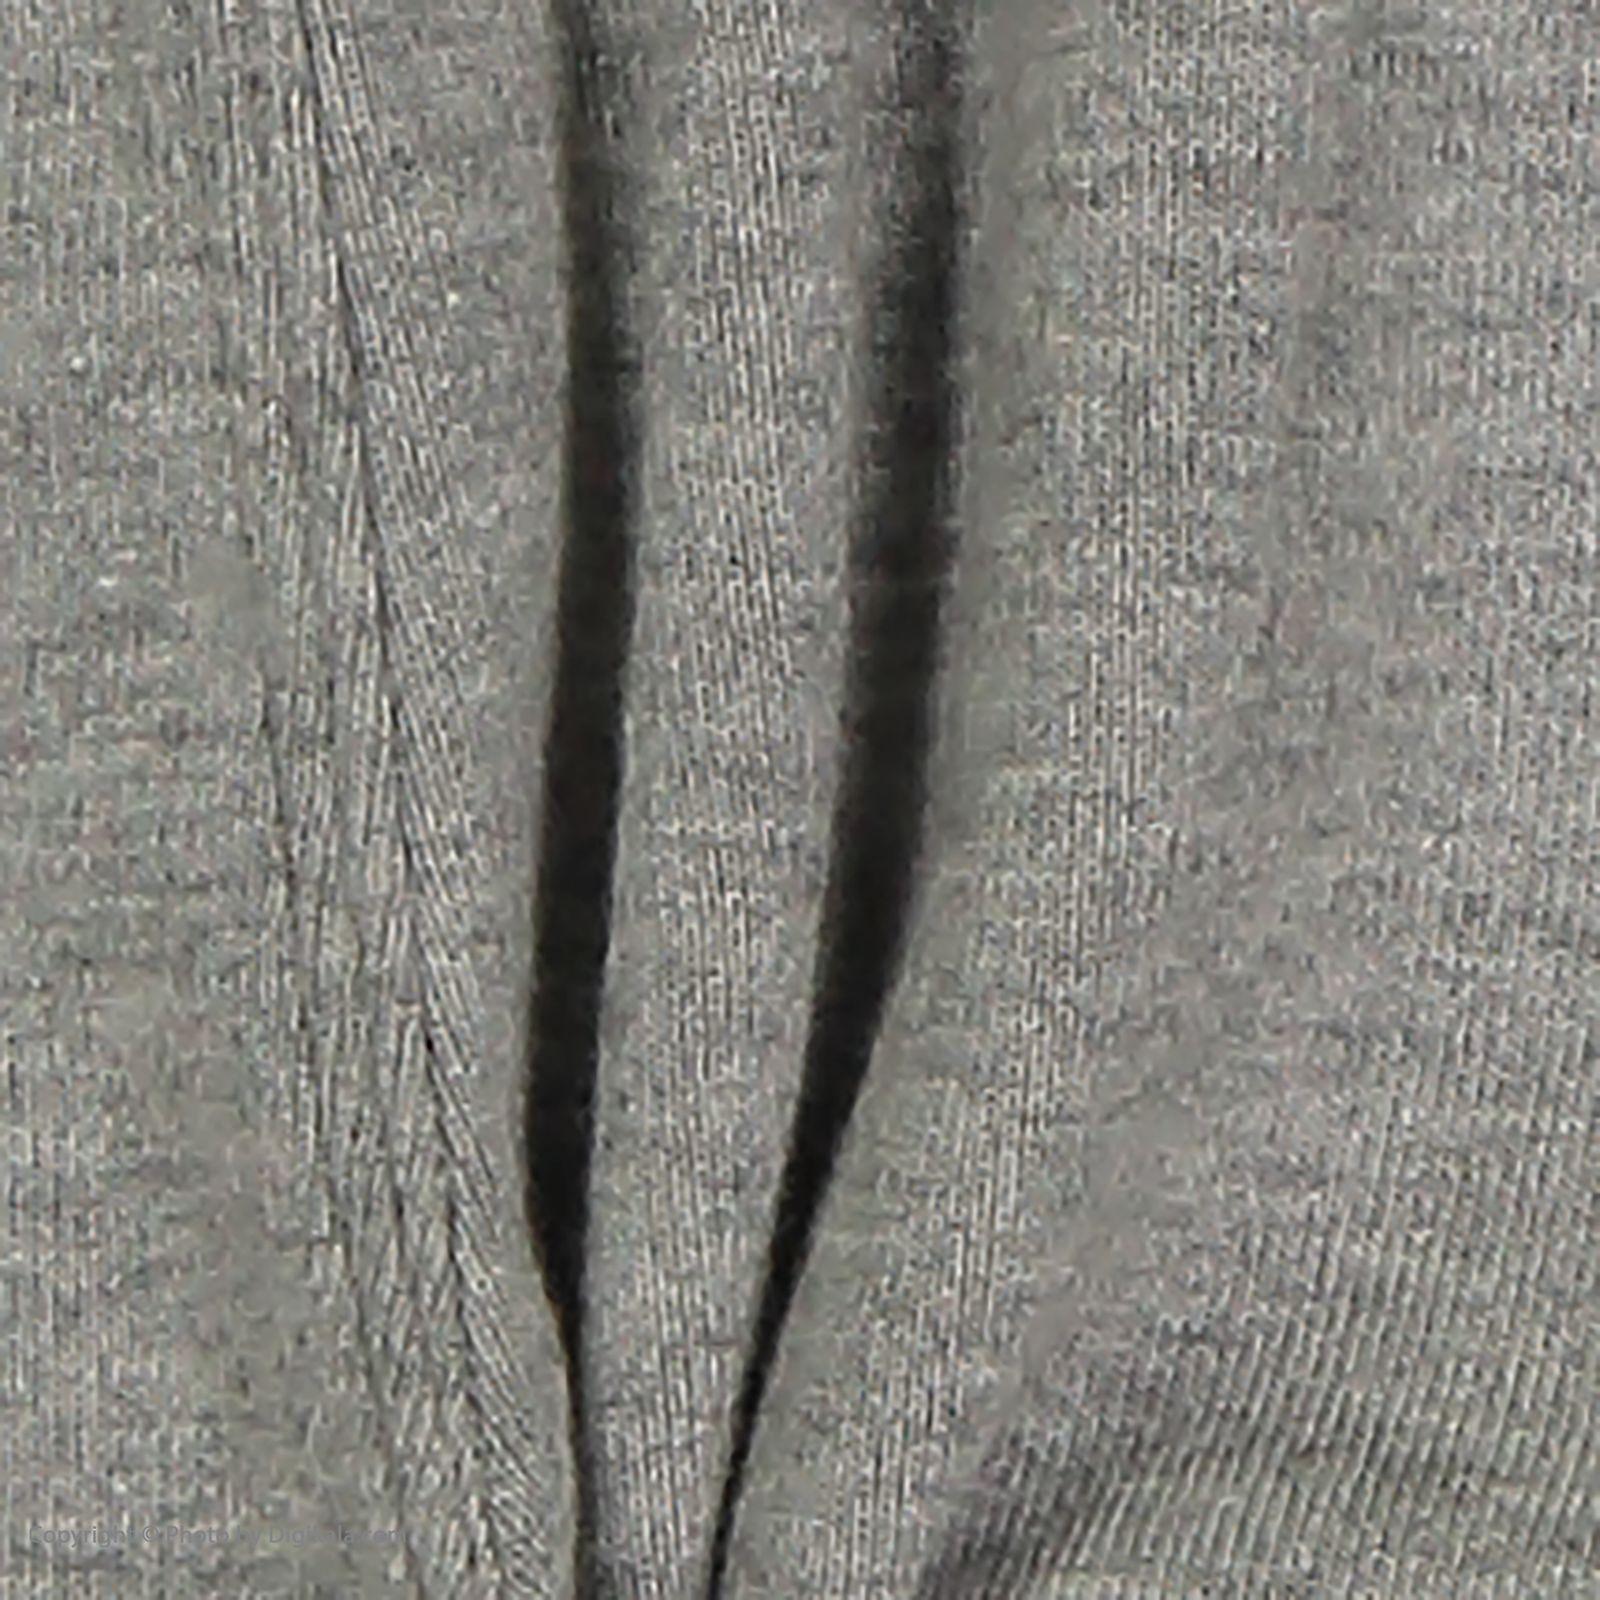 ست تی شرت و شورت نوزادی دخترانه آدمک مدل 2171112-88 -  - 10